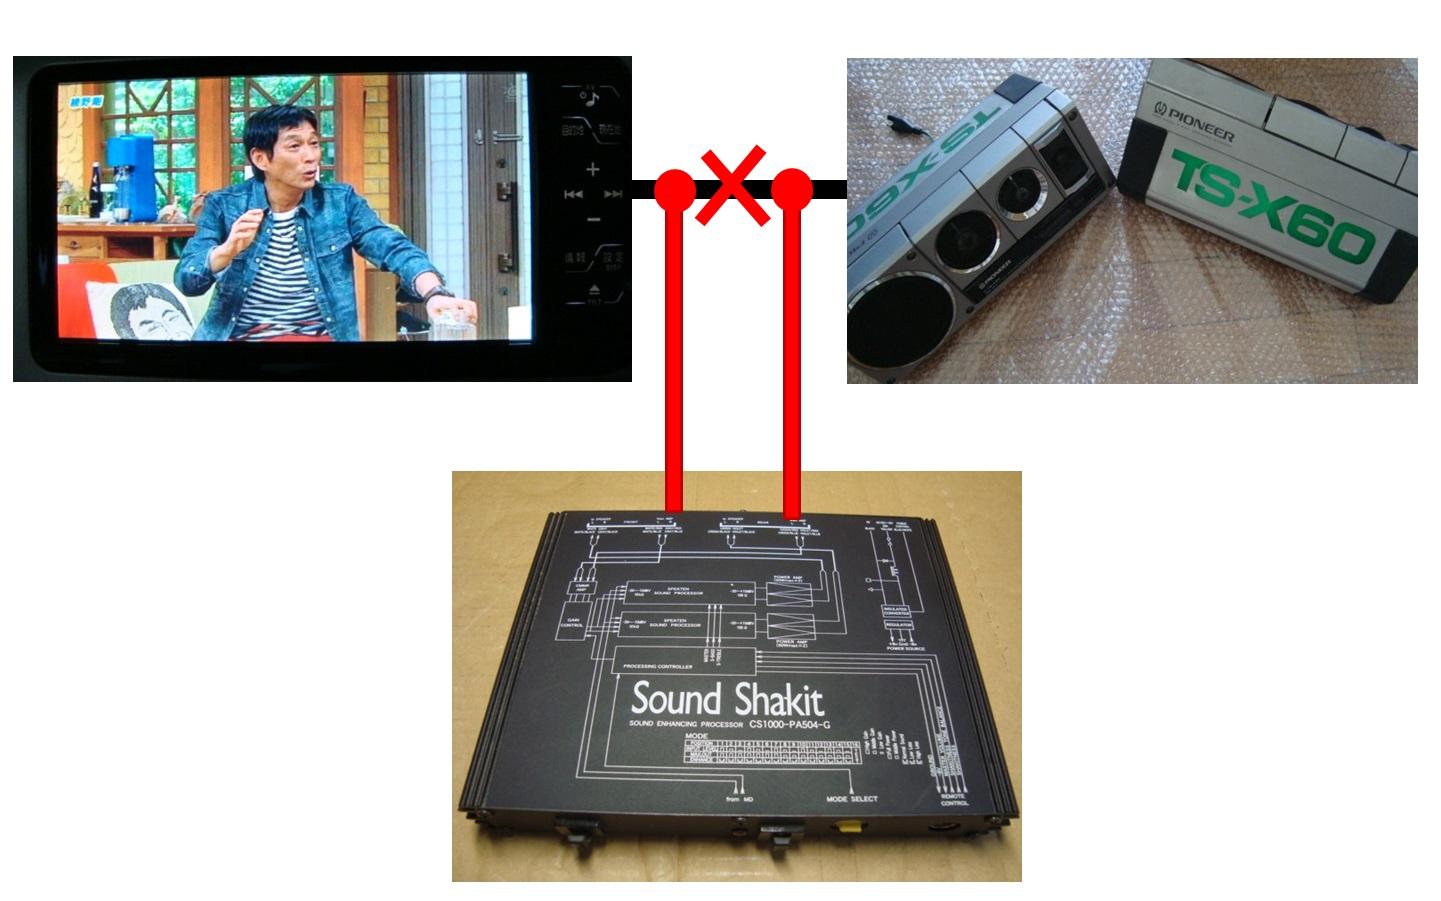 ☆ サウンドシャキット Sound Shakit トヨタ車用ハーネス作製